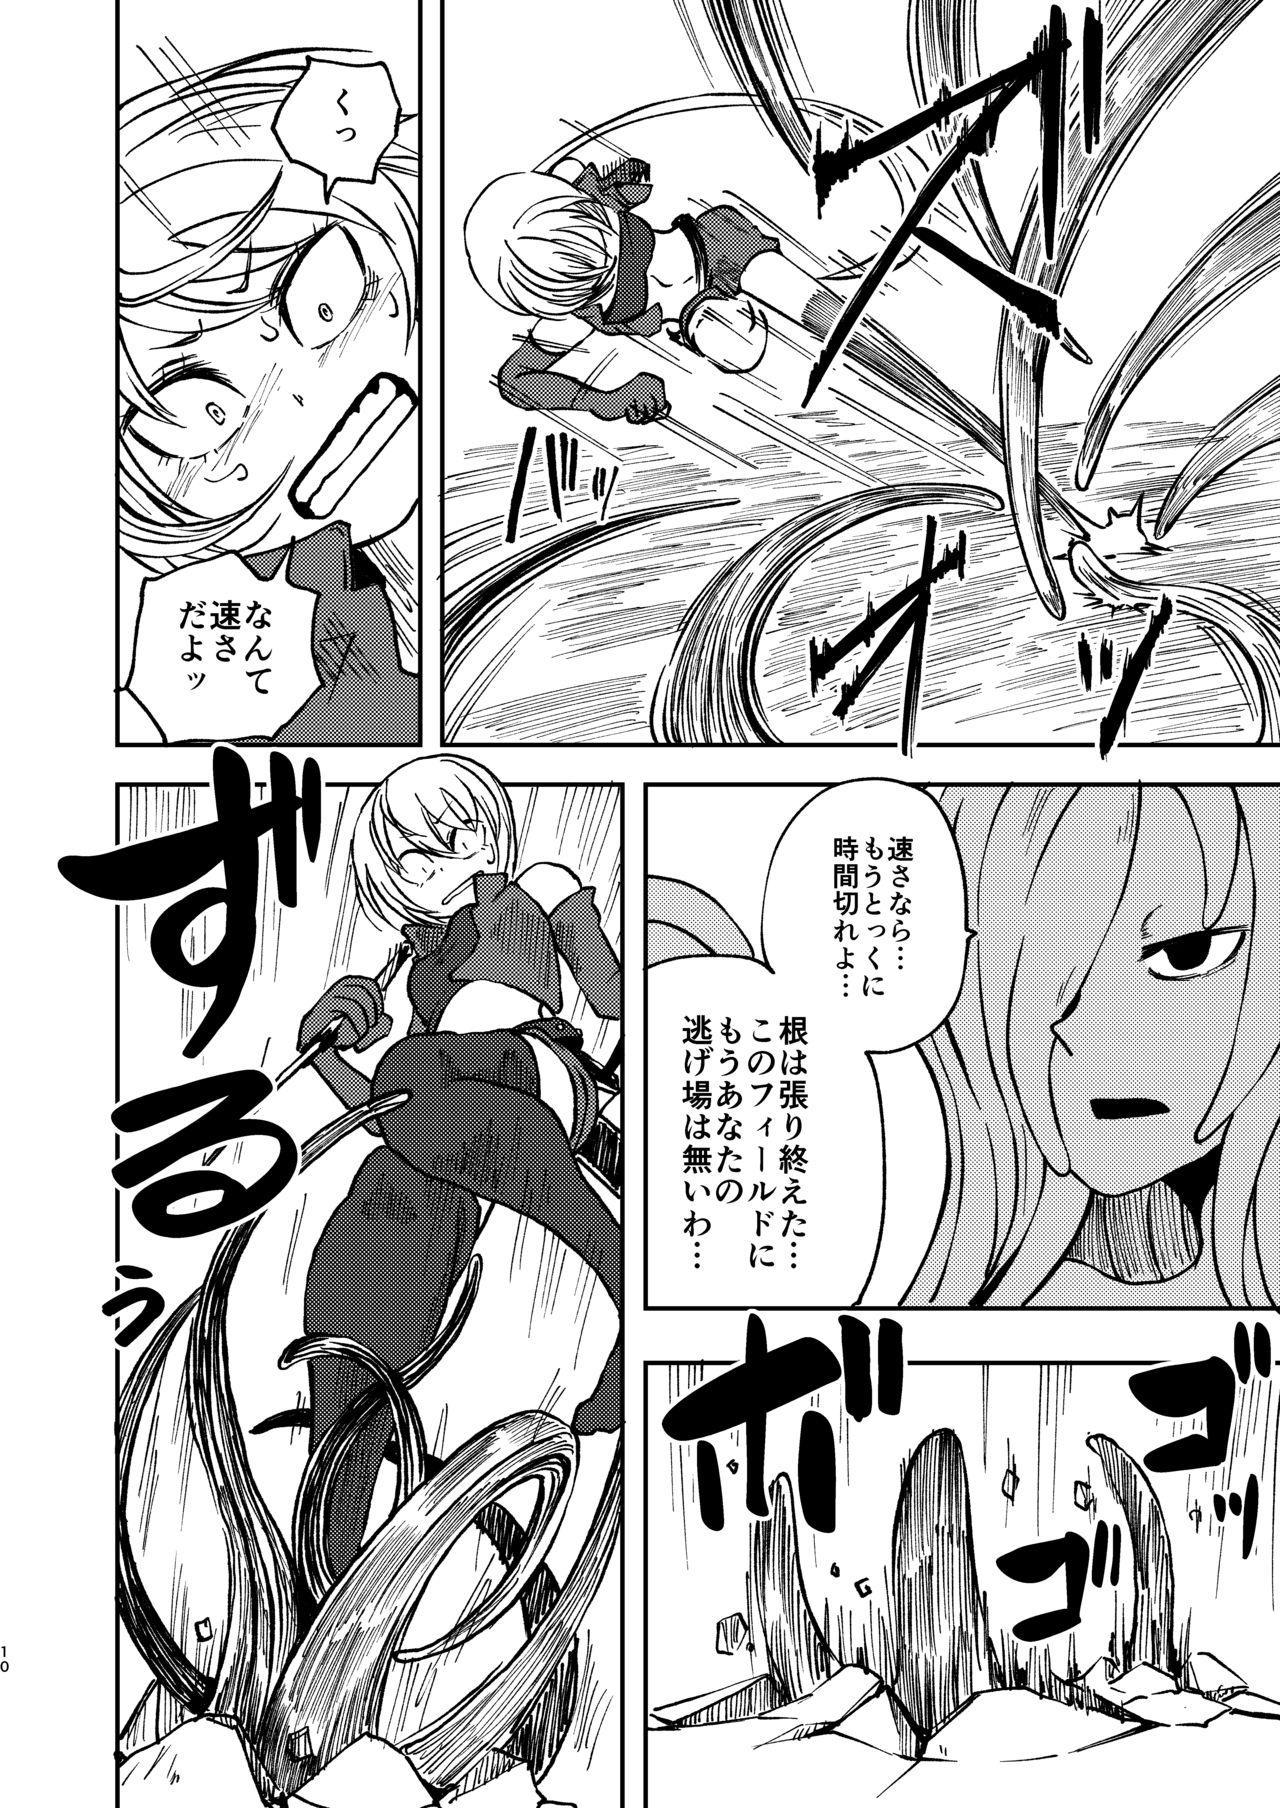 Tada no Onna Boukensha ga Tougijou ni Sanka Shita Kekka Lv 99 no Monster-san ni Bokoboko ni Saremashita 8